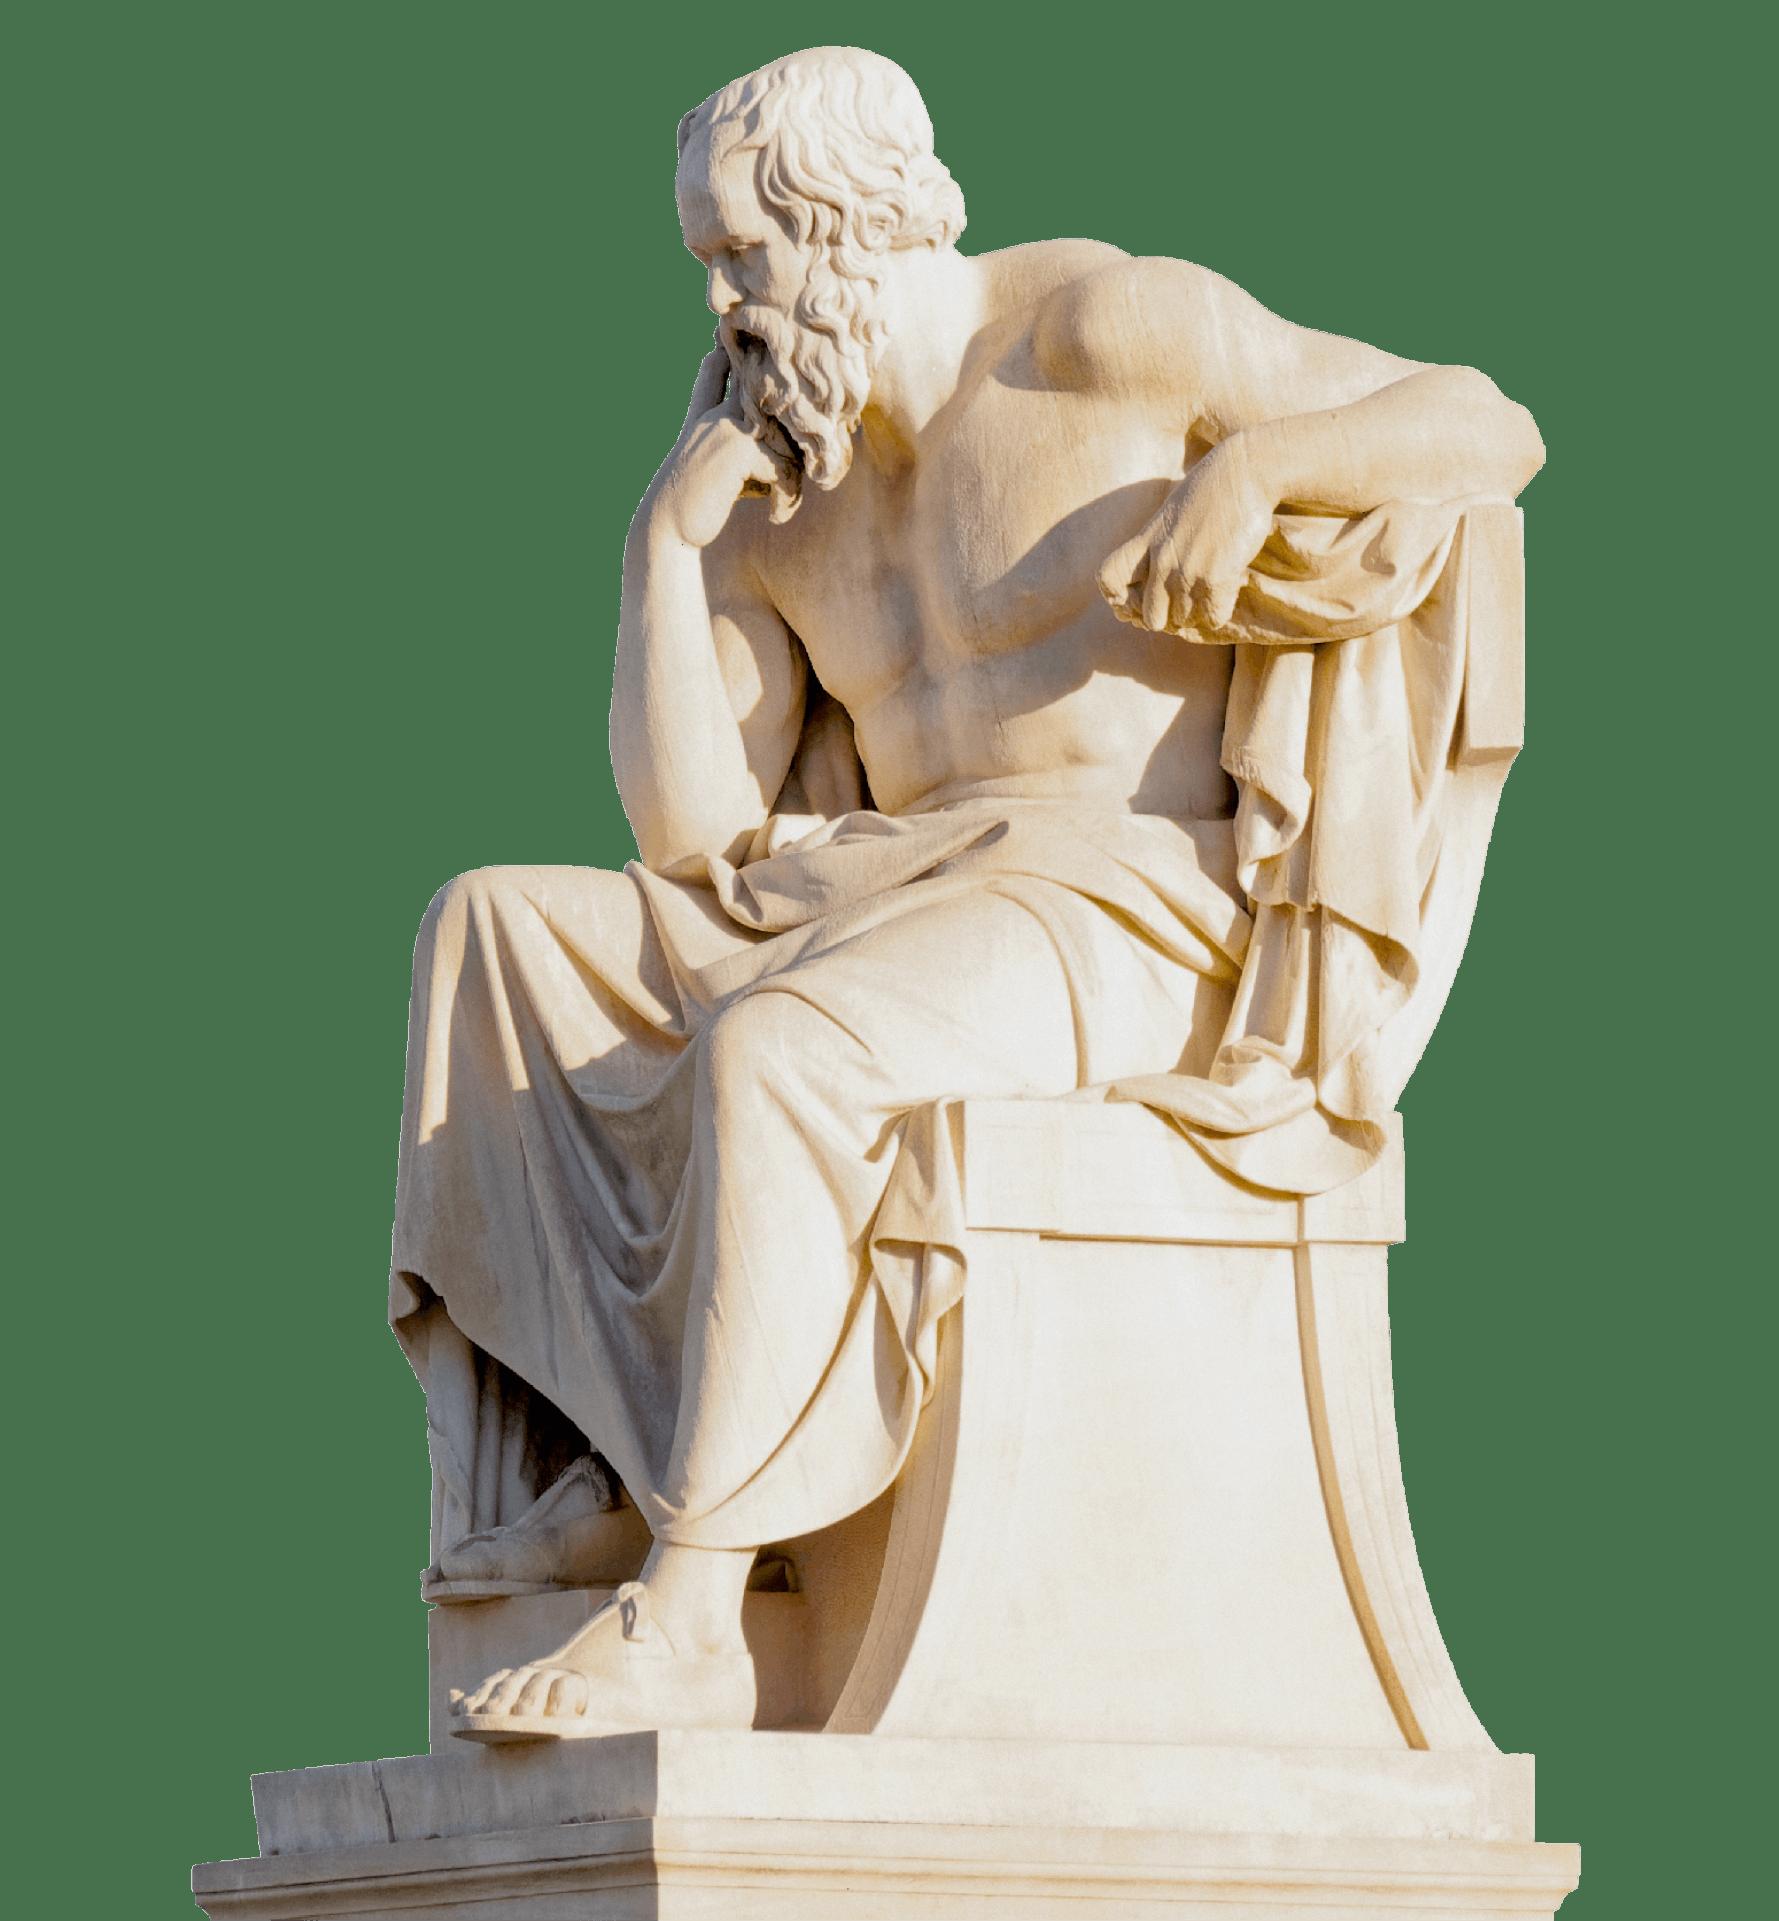 Statue de Socrate devant l'académie d'Athènes réalisée par Leonidas Drosis, 1885.